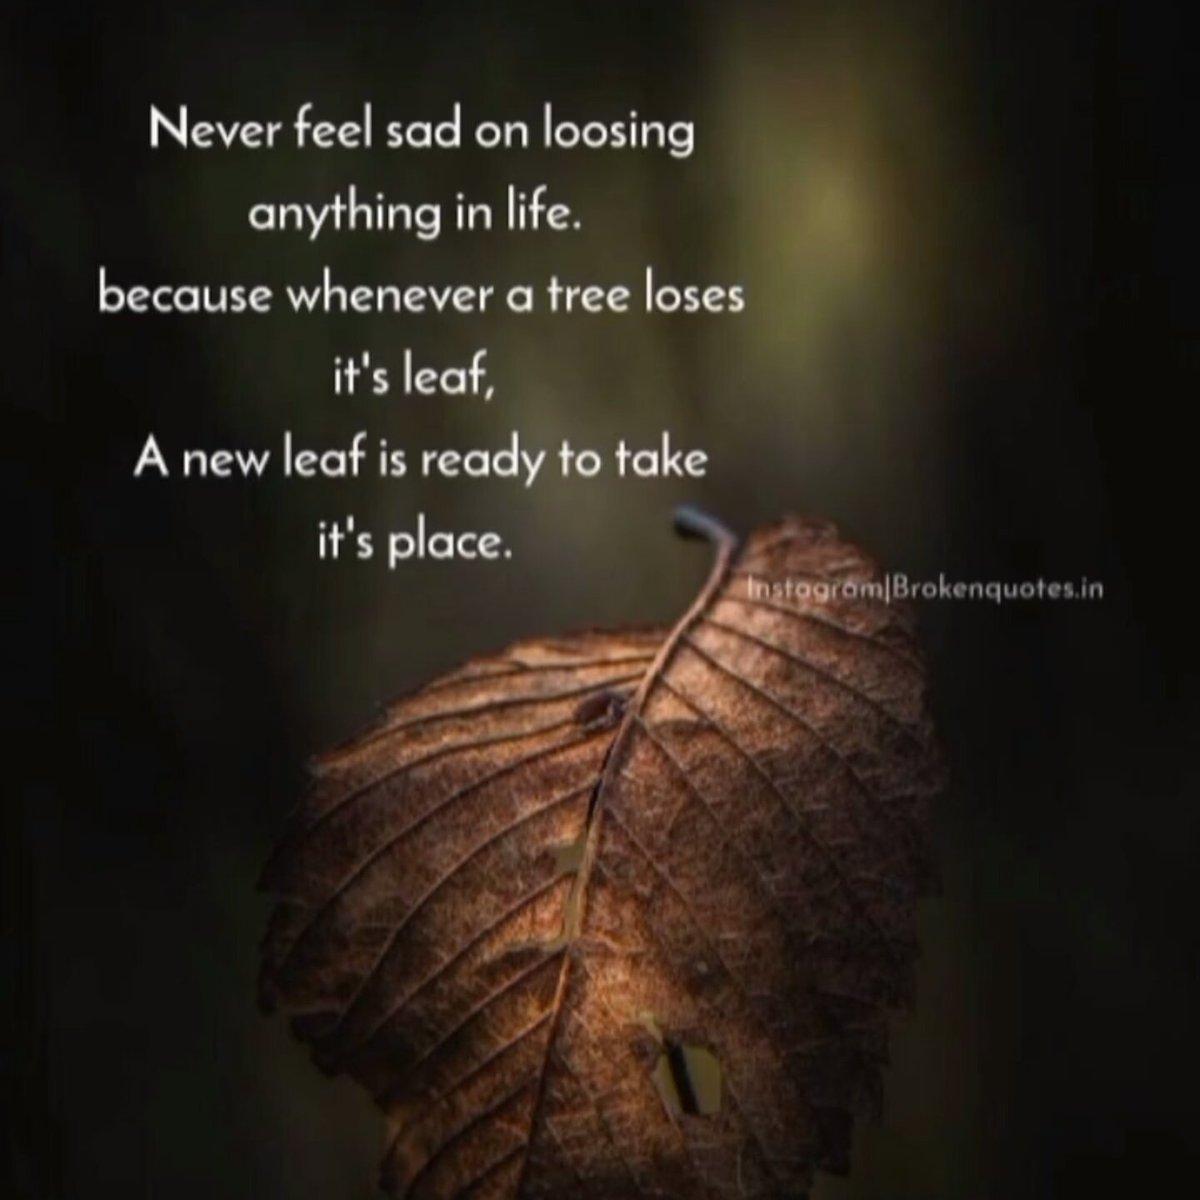 Jangan takut kehilangan...kehidupan ini fana. https://t.co/Md1Mm2zz23